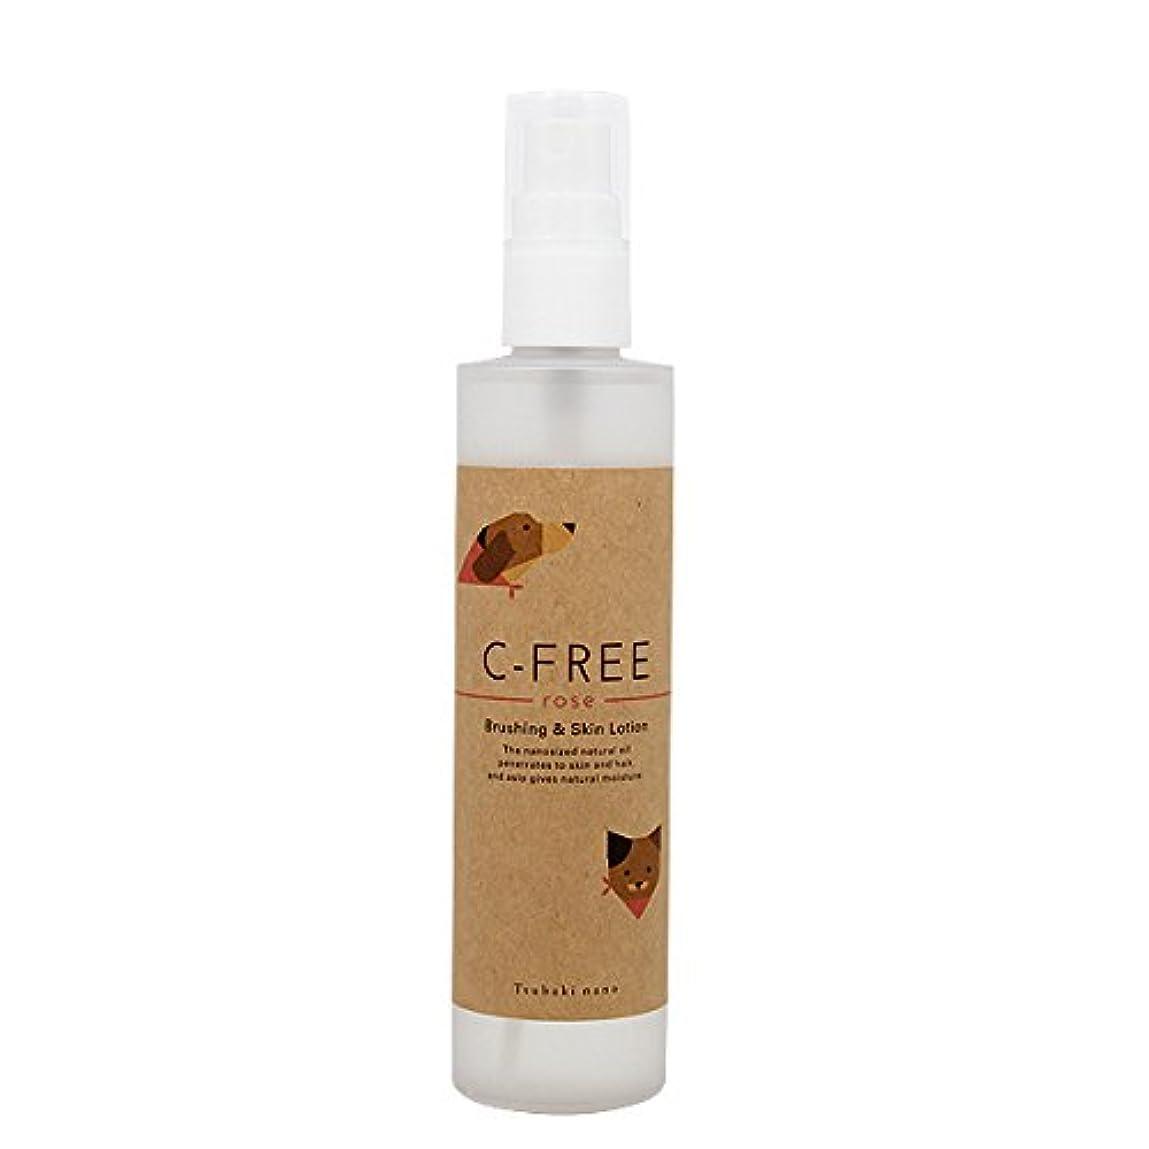 ブラウズ煩わしいどっち椿なの シーフリーロゼ(天然ローズの香り)ブラッシング&スキンローション 150ml